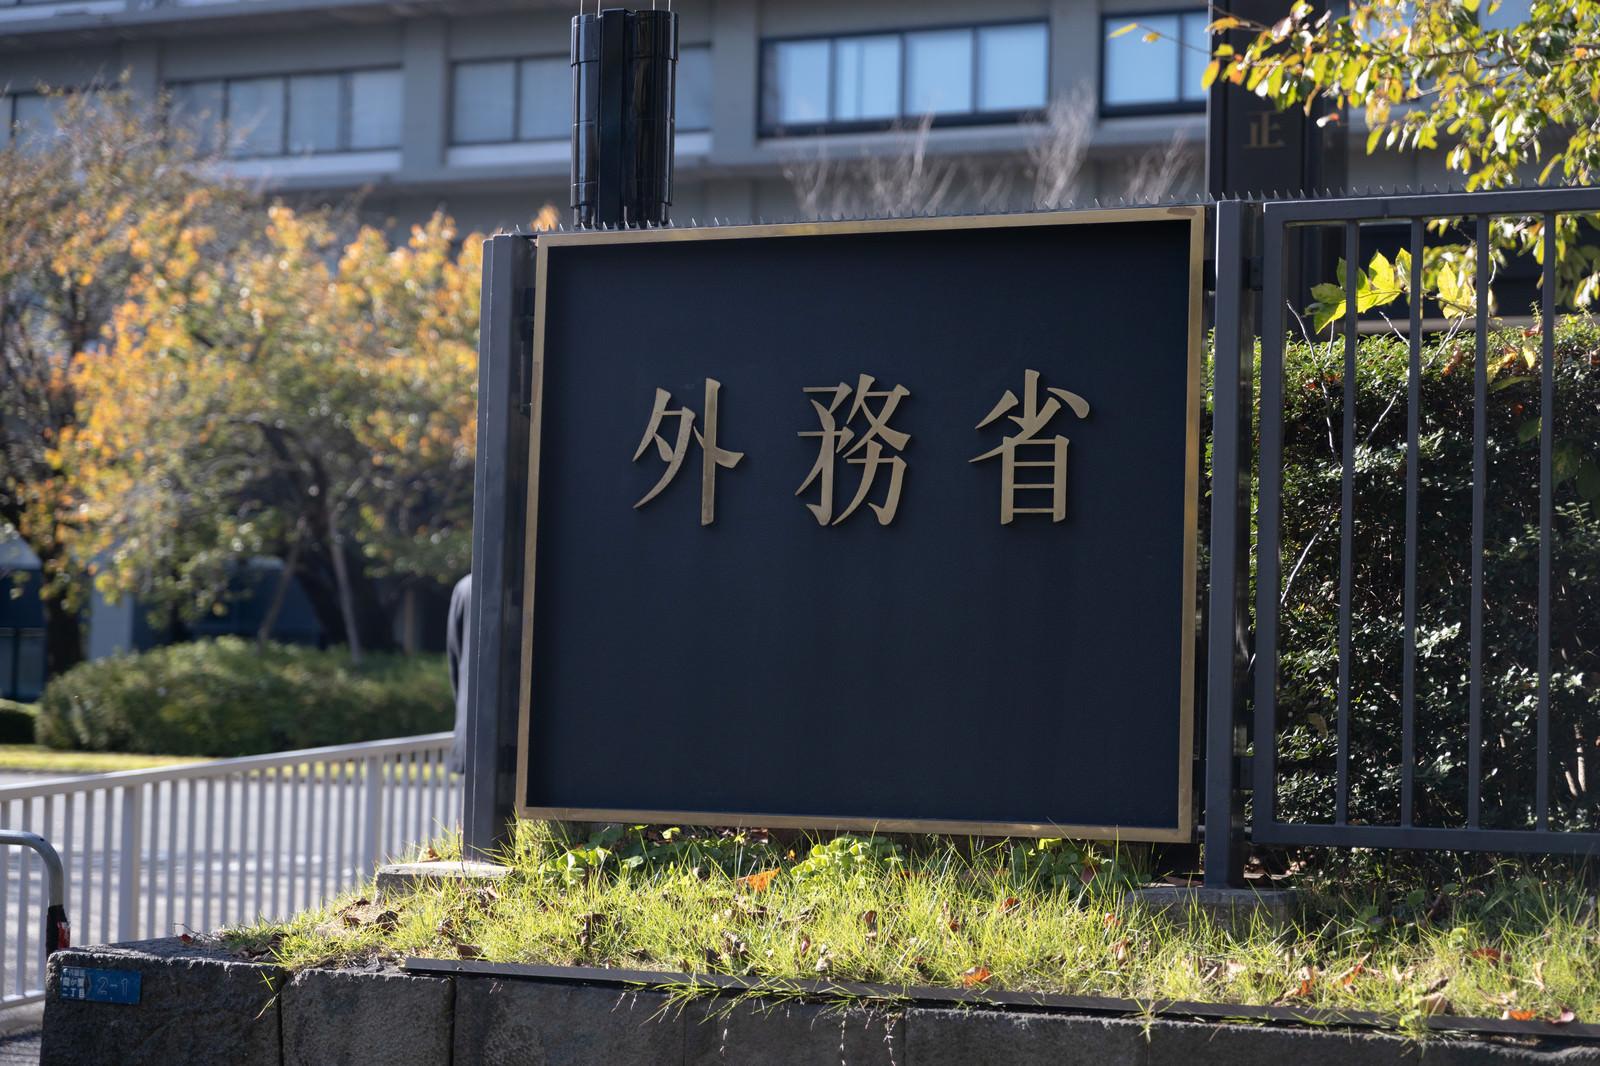 「外務省の入り口に設置してある看板」の写真